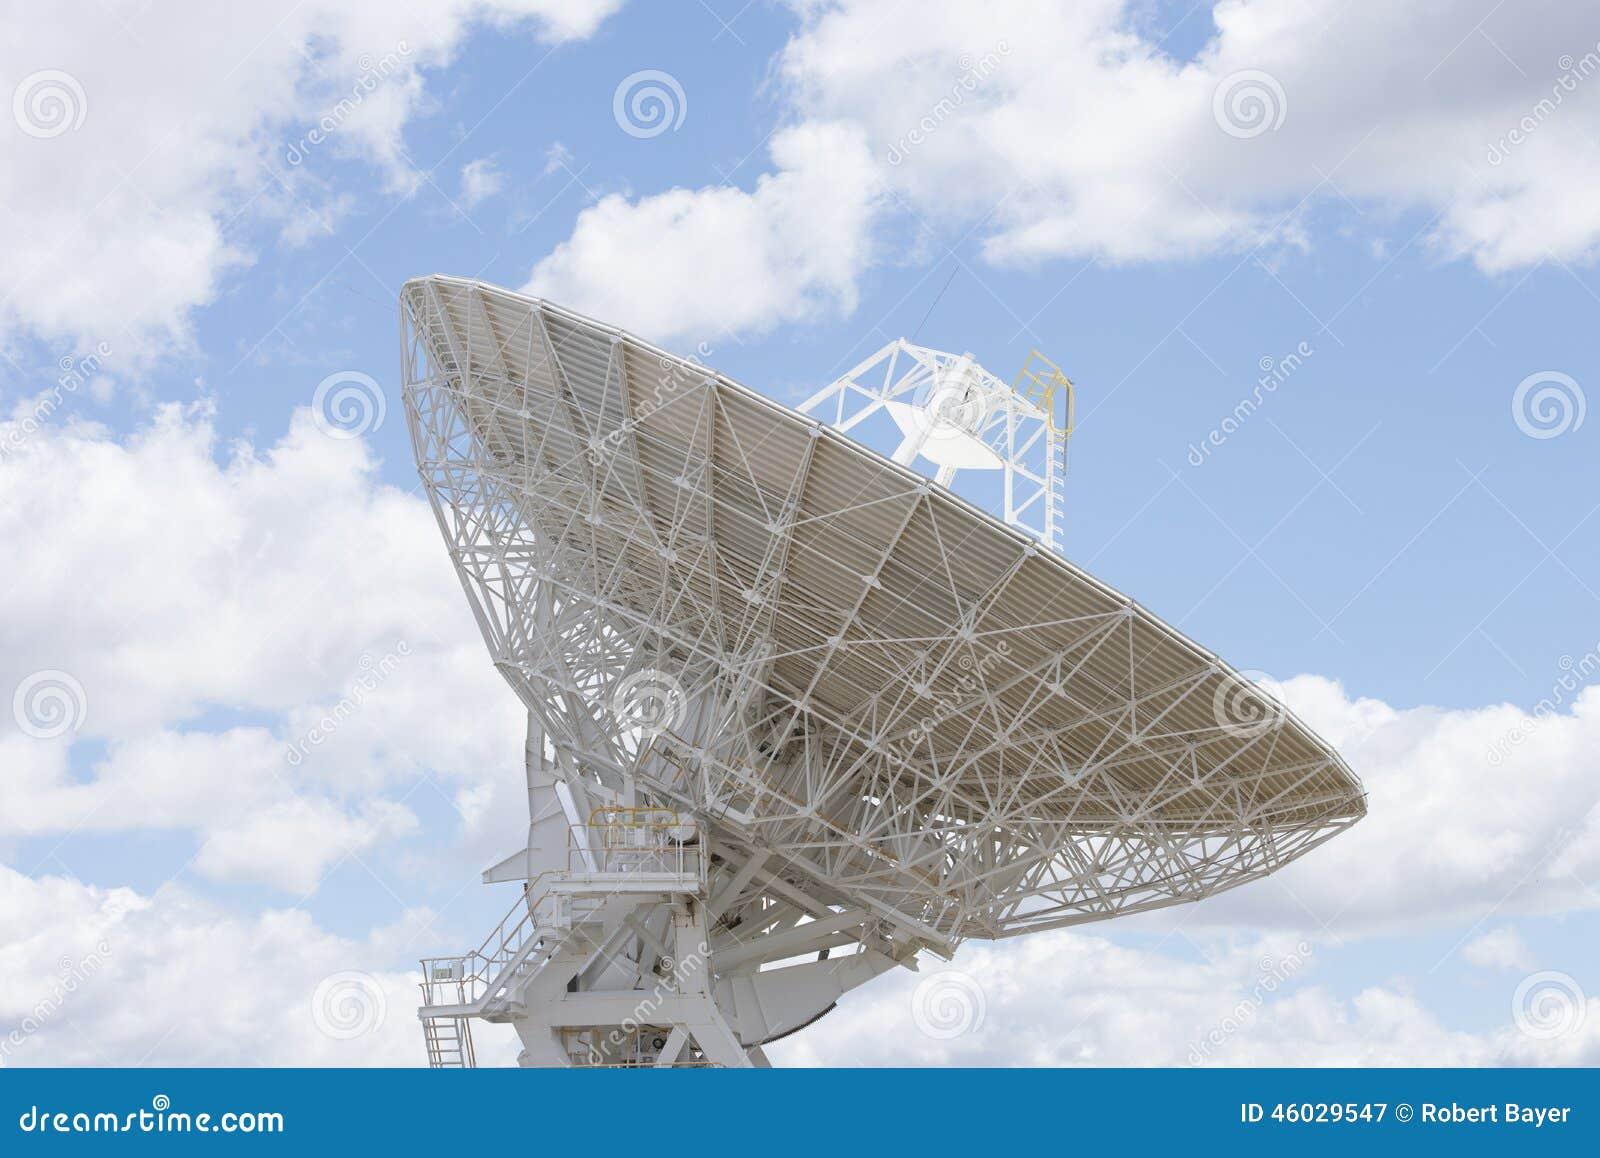 Plato del telescopio astronómico con el cielo azul